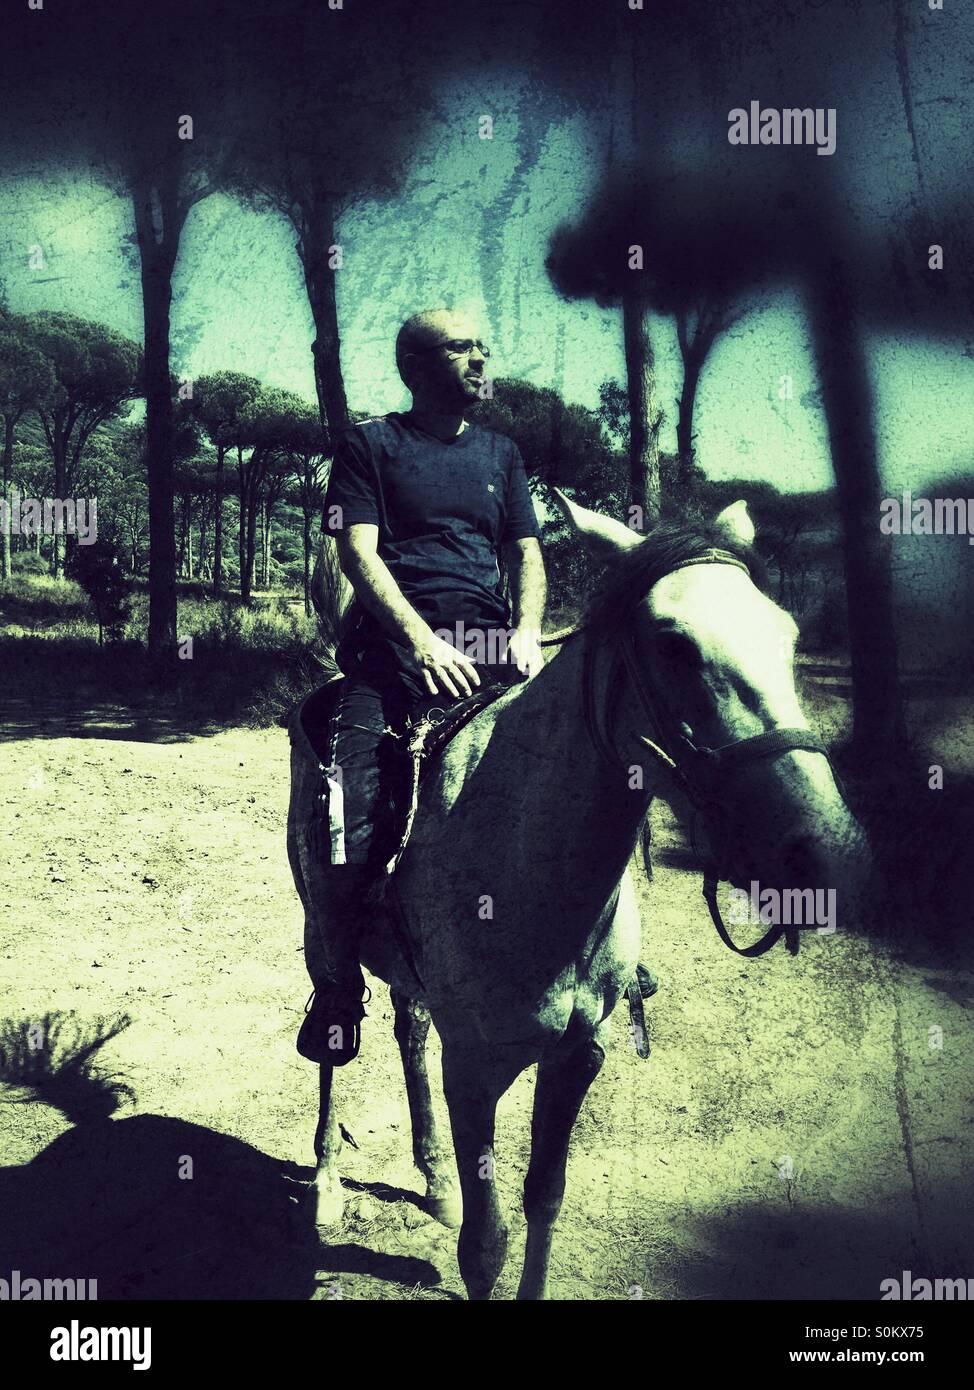 Middle aged man riding a horse avec fierté dans la forêt Photo Stock